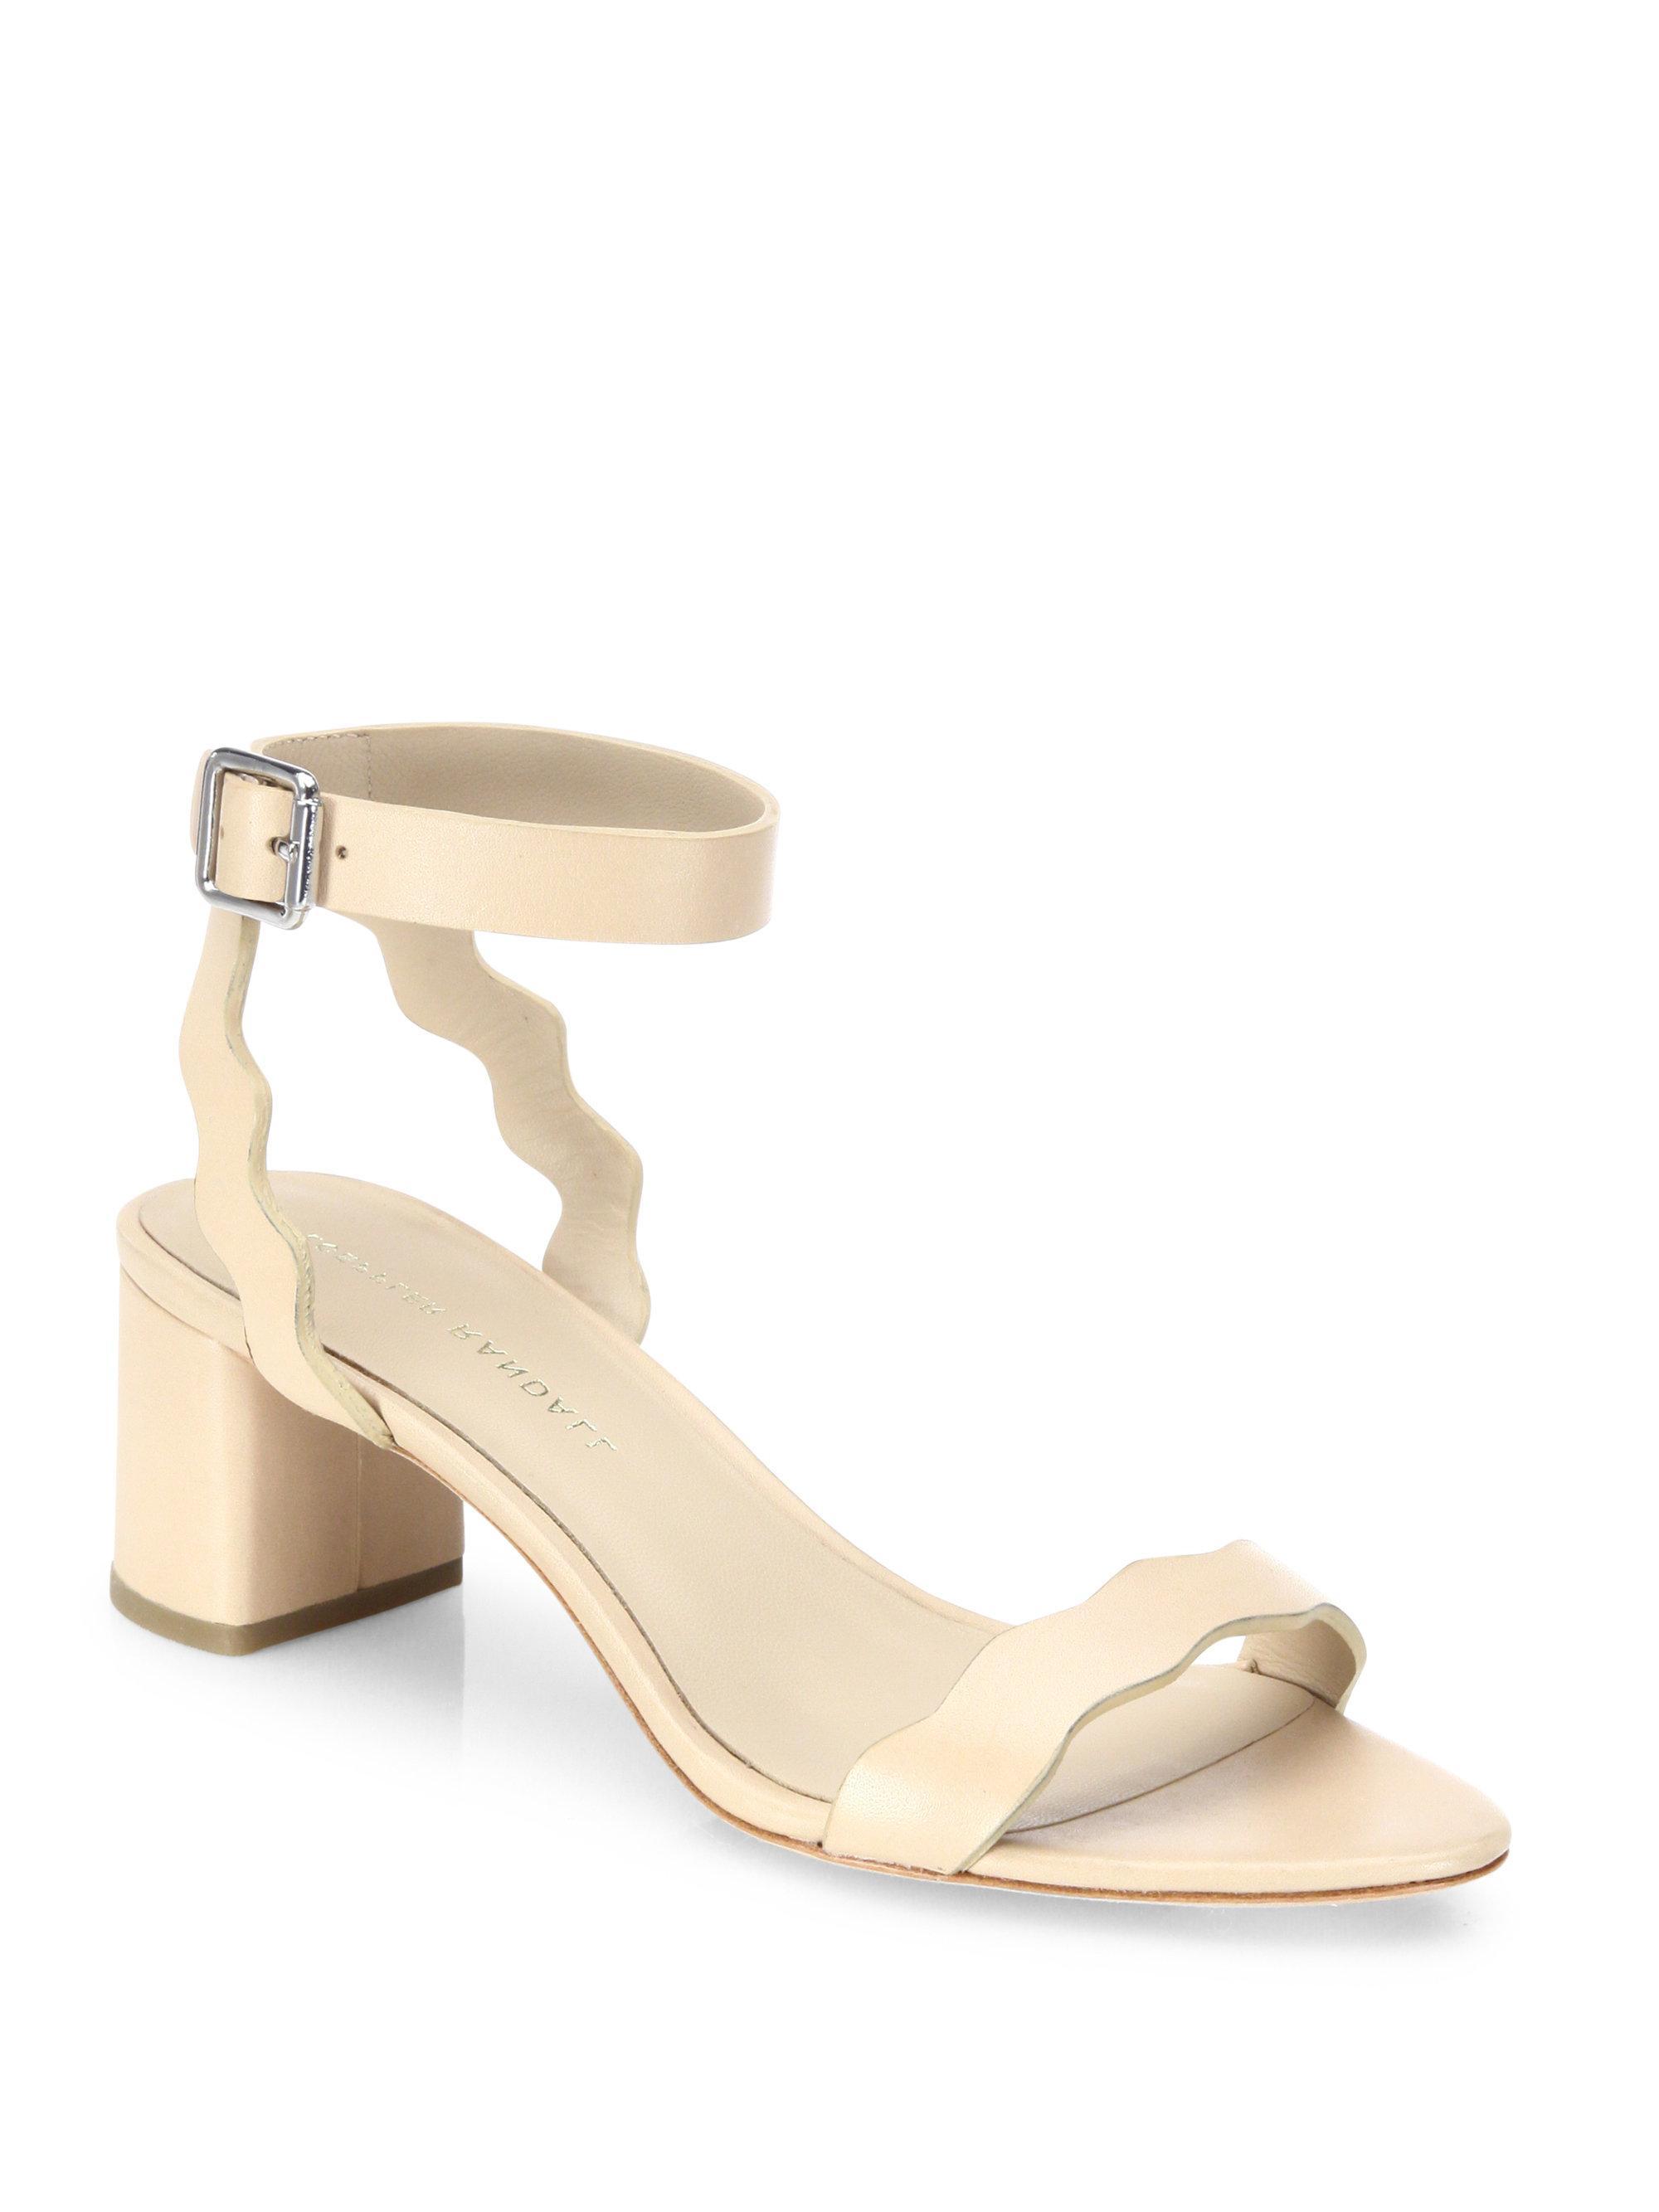 Loeffler Randall Women's Emi Scalloped Sandal gr821